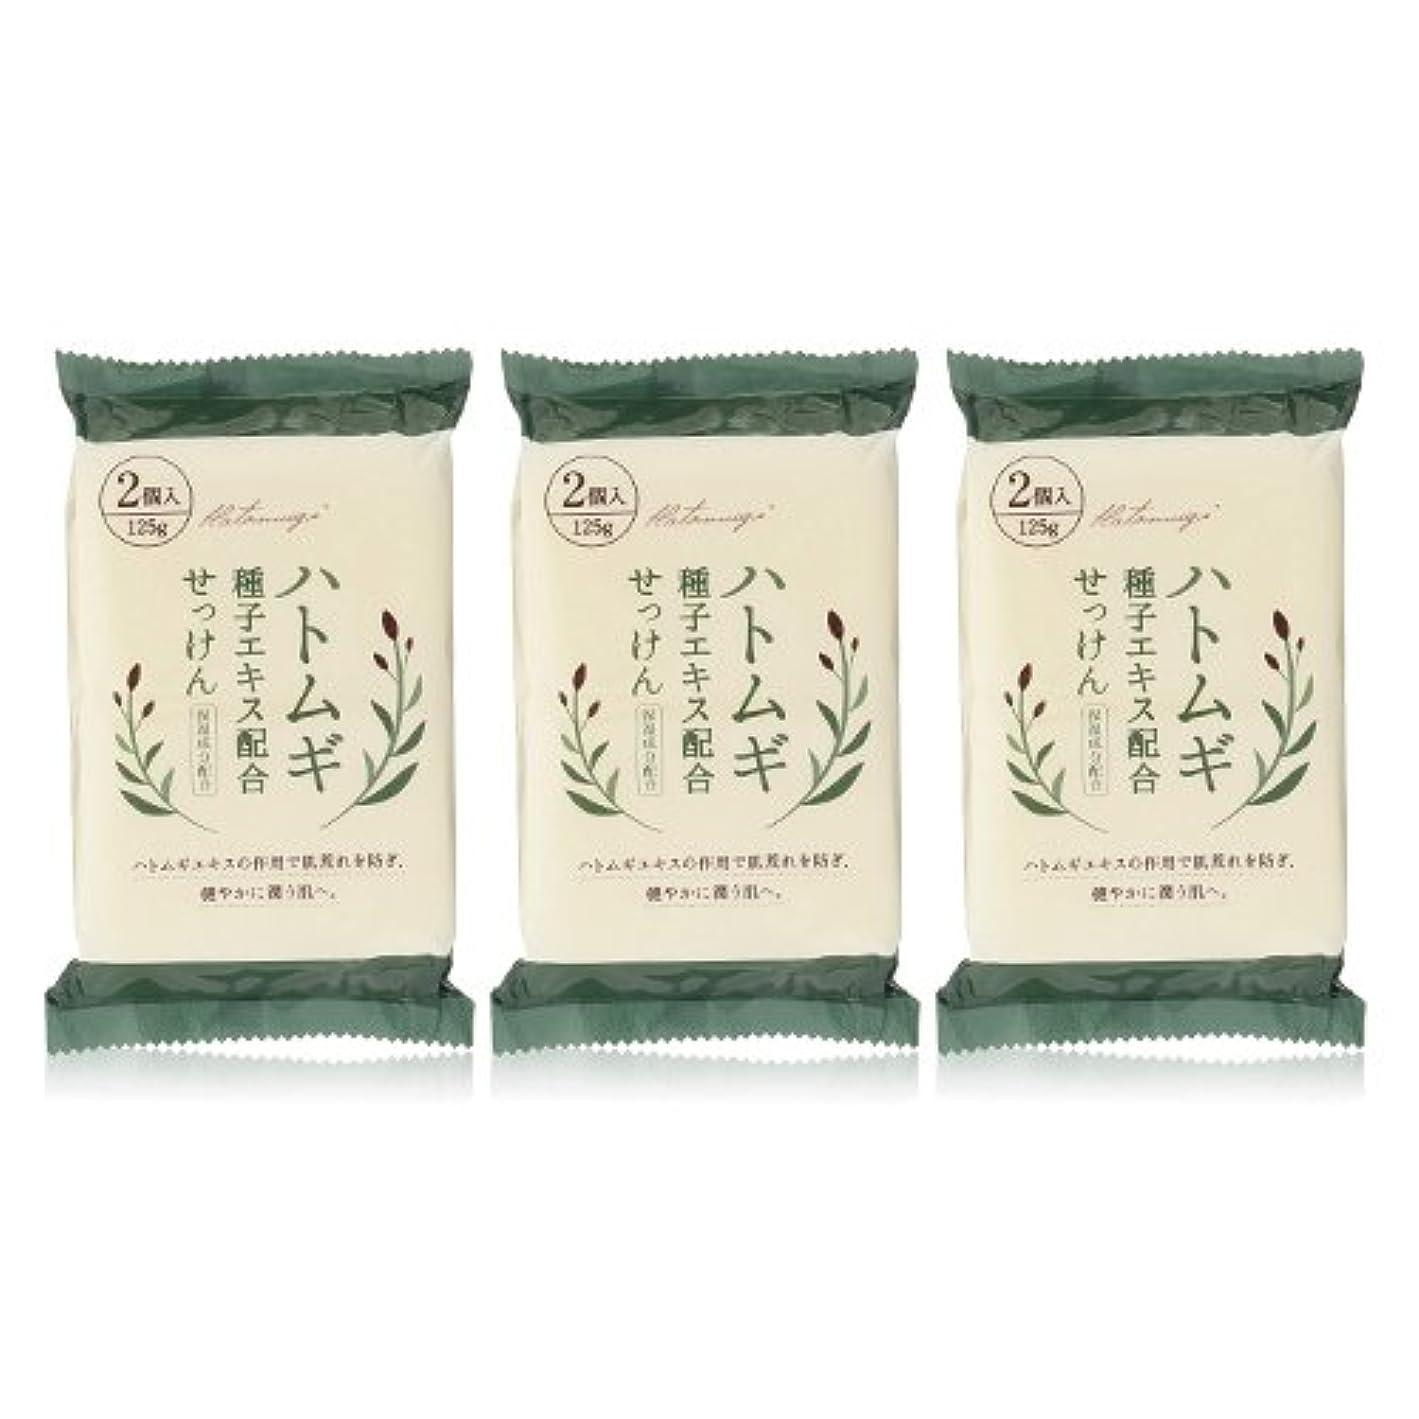 お気に入り可能にする幻想ハトムギ種子エキス配合石けん 125g(2コ入)×3個セット(計6個)